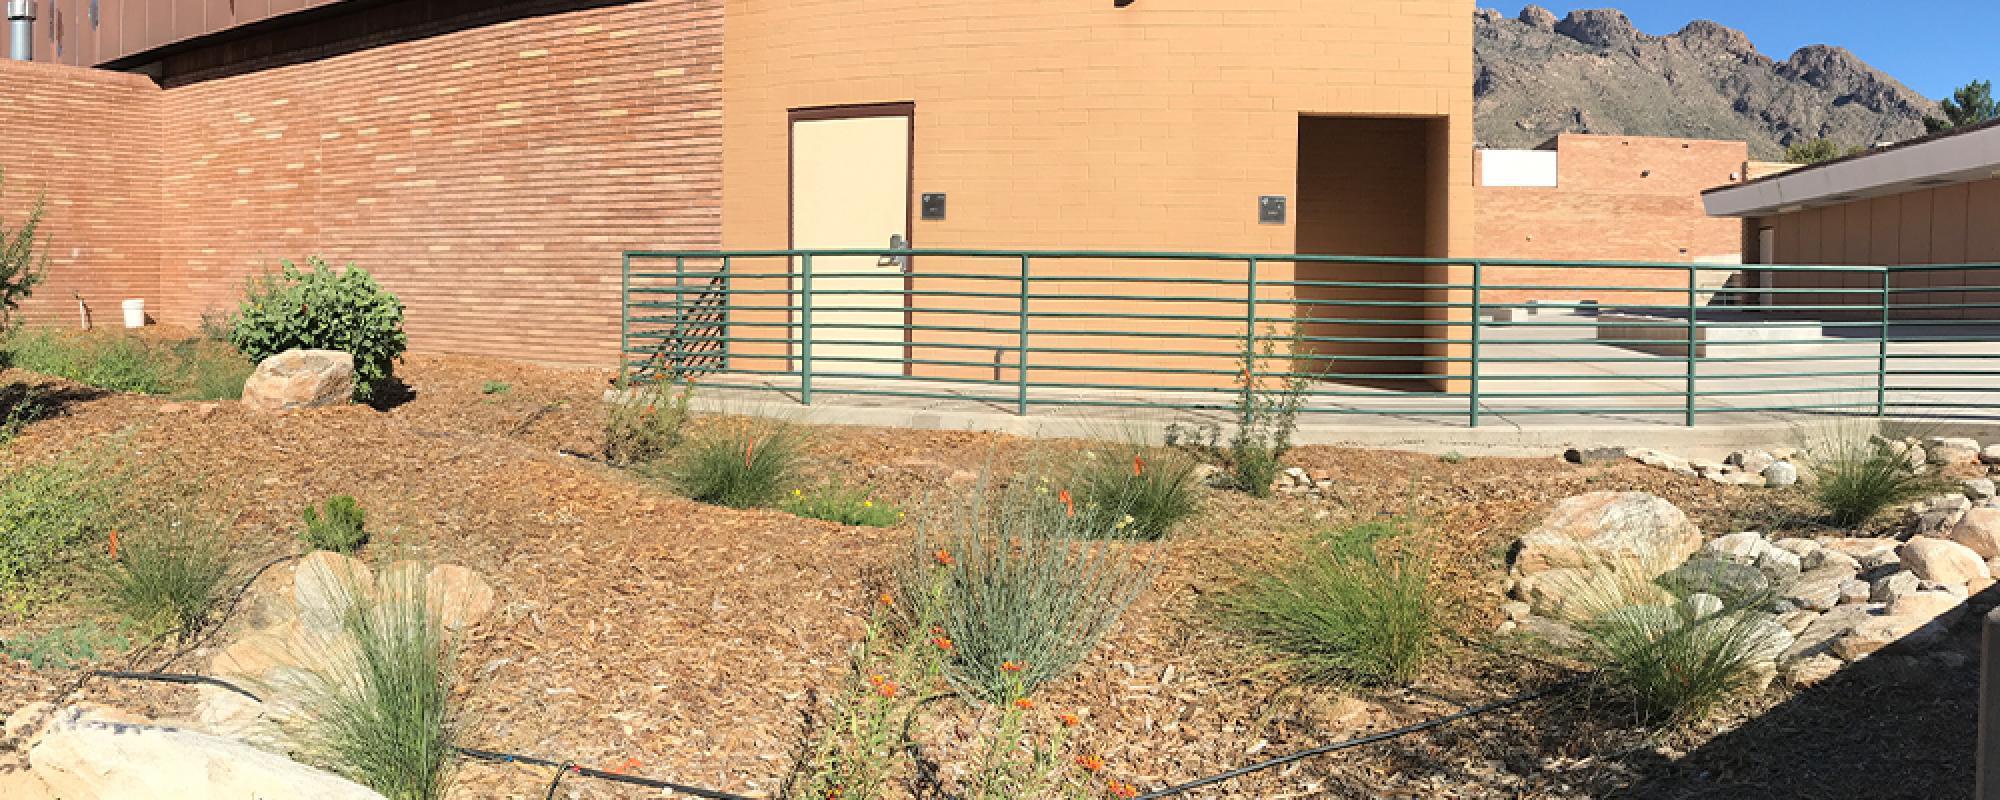 Photo of a school rain garden